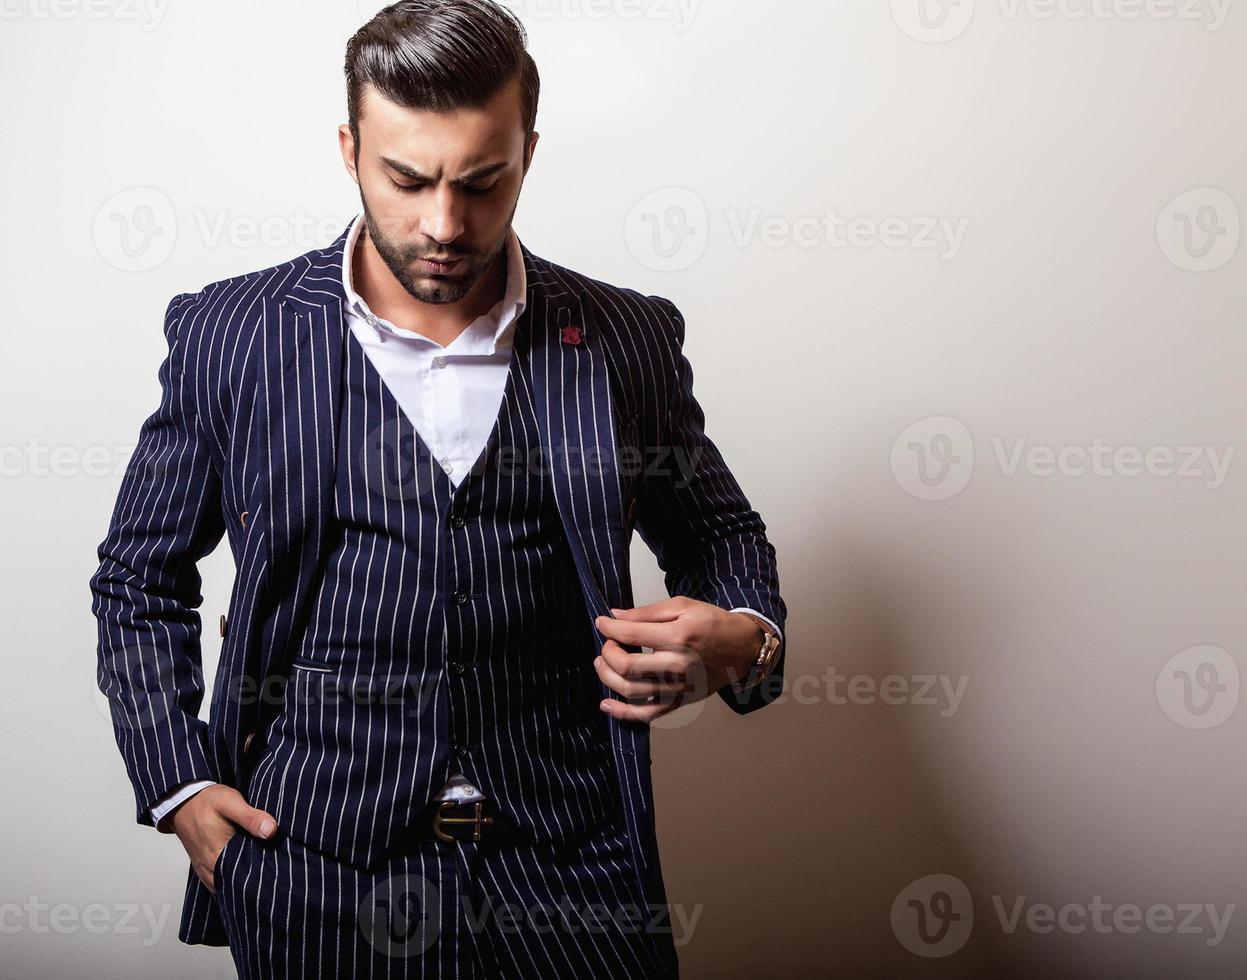 eleganter junger hübscher Mann im klassischen dunkelblauen Kostüm. foto